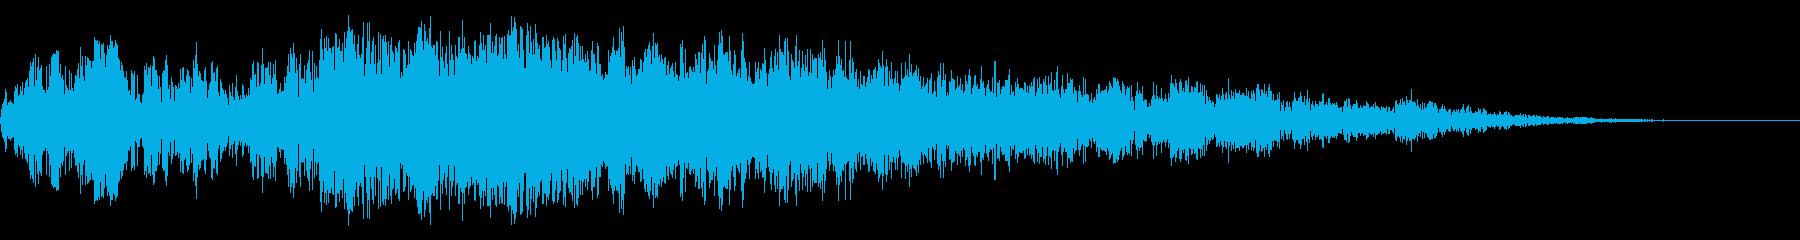 アニメにありそうなエネルギー弾(ポヒ)の再生済みの波形